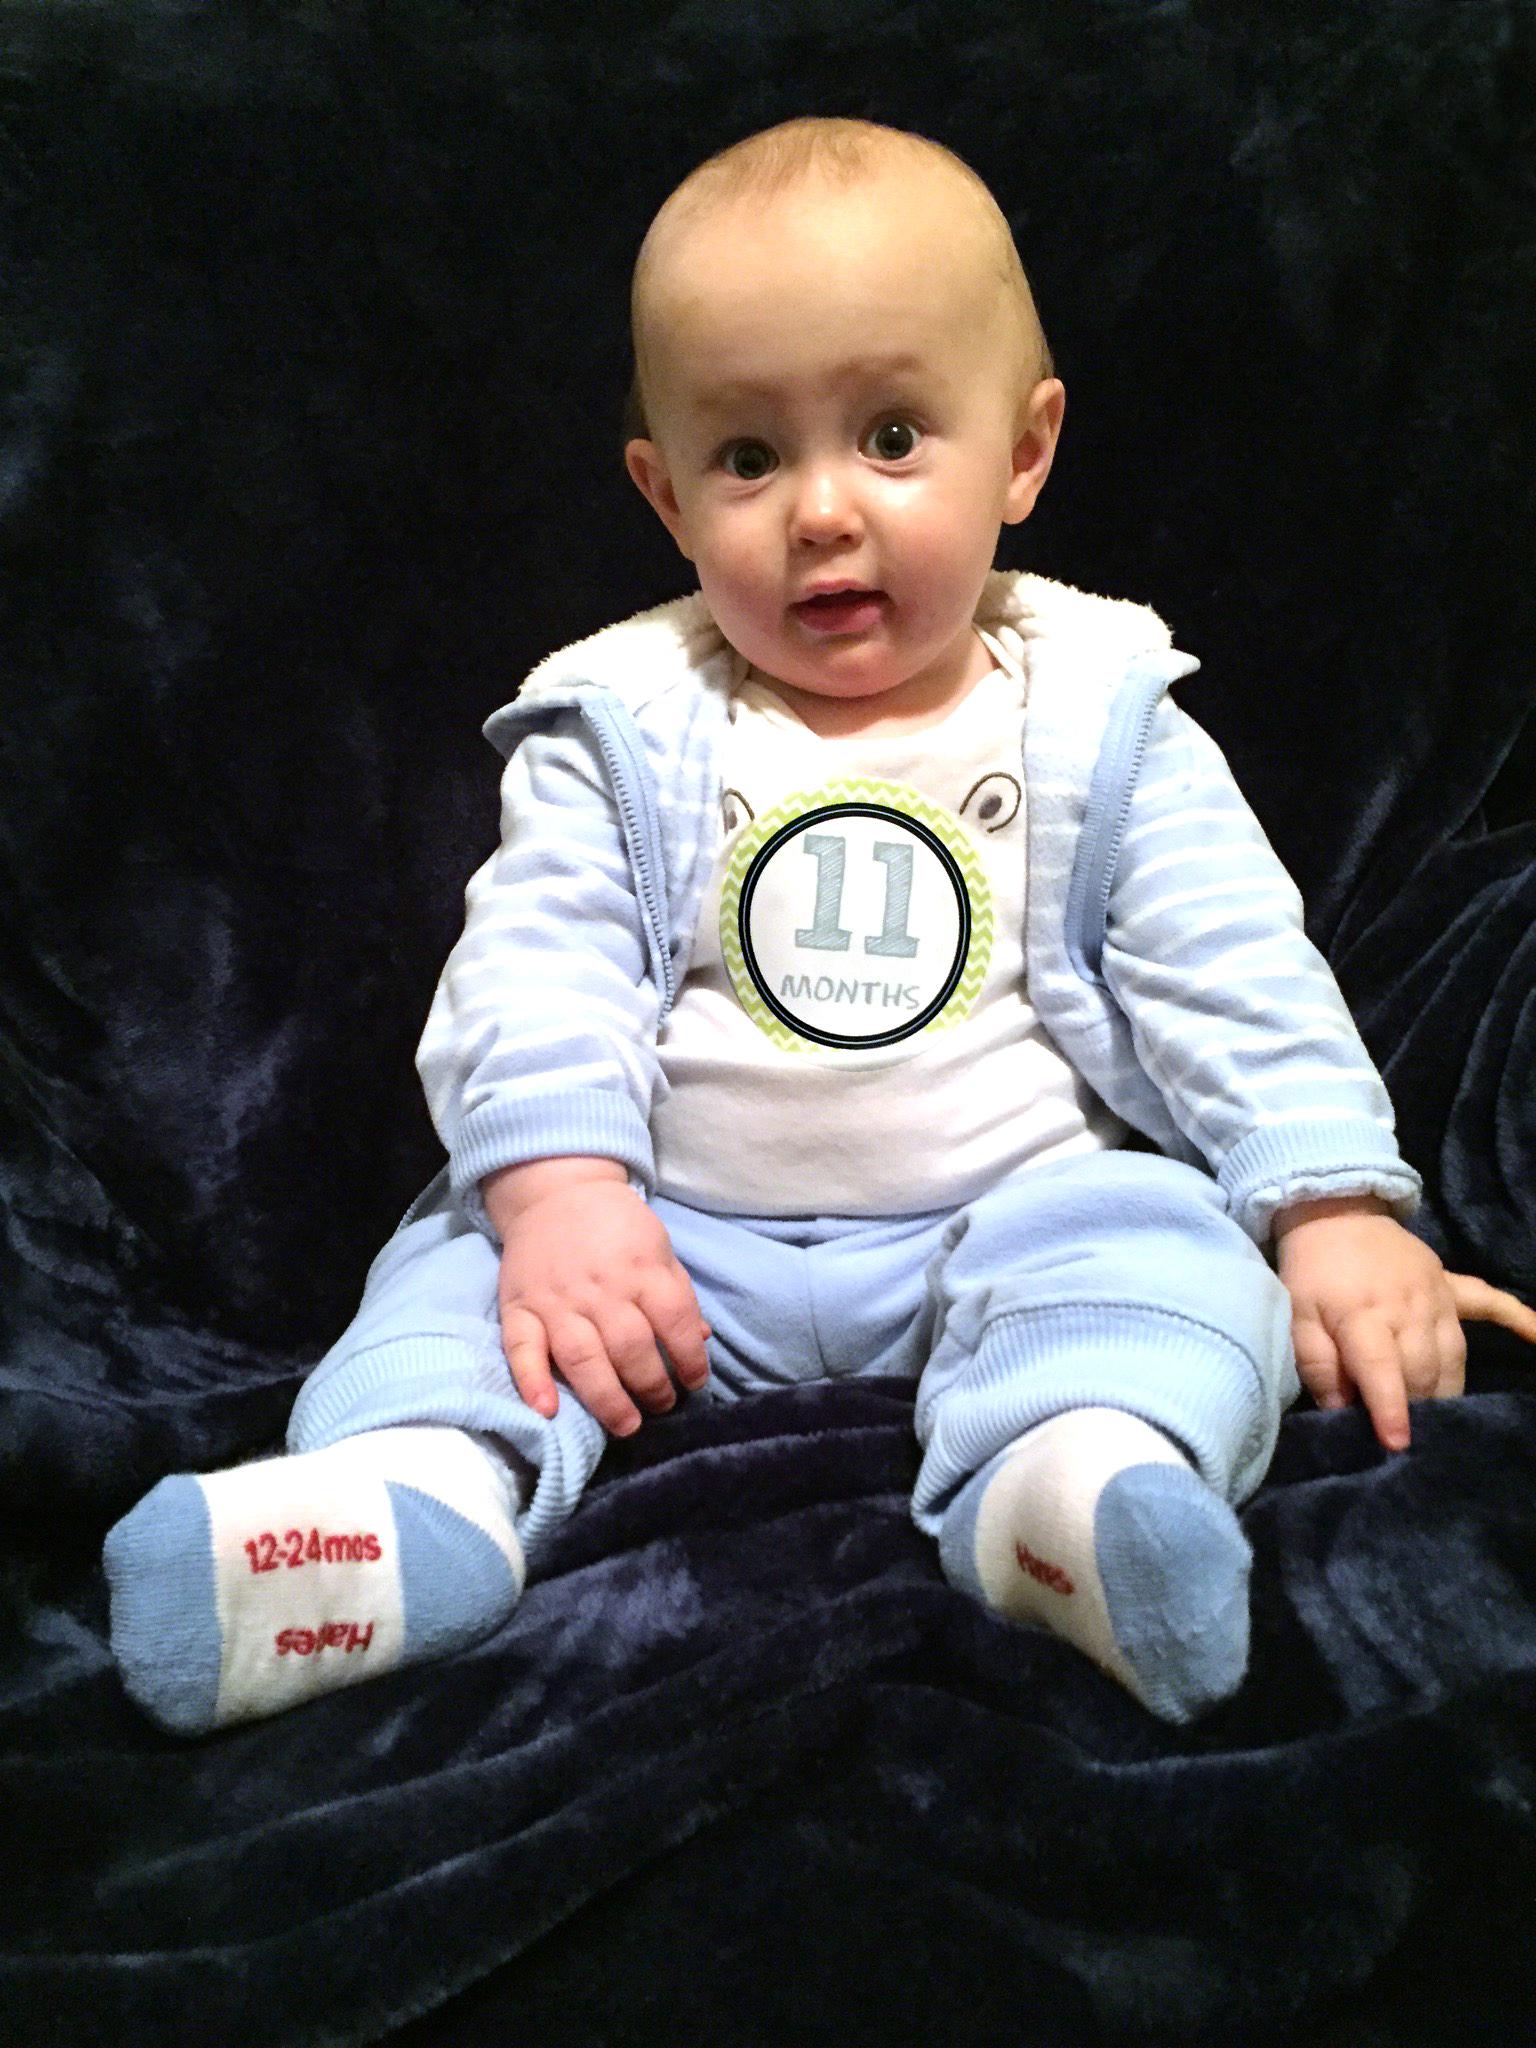 Spencer 11 months